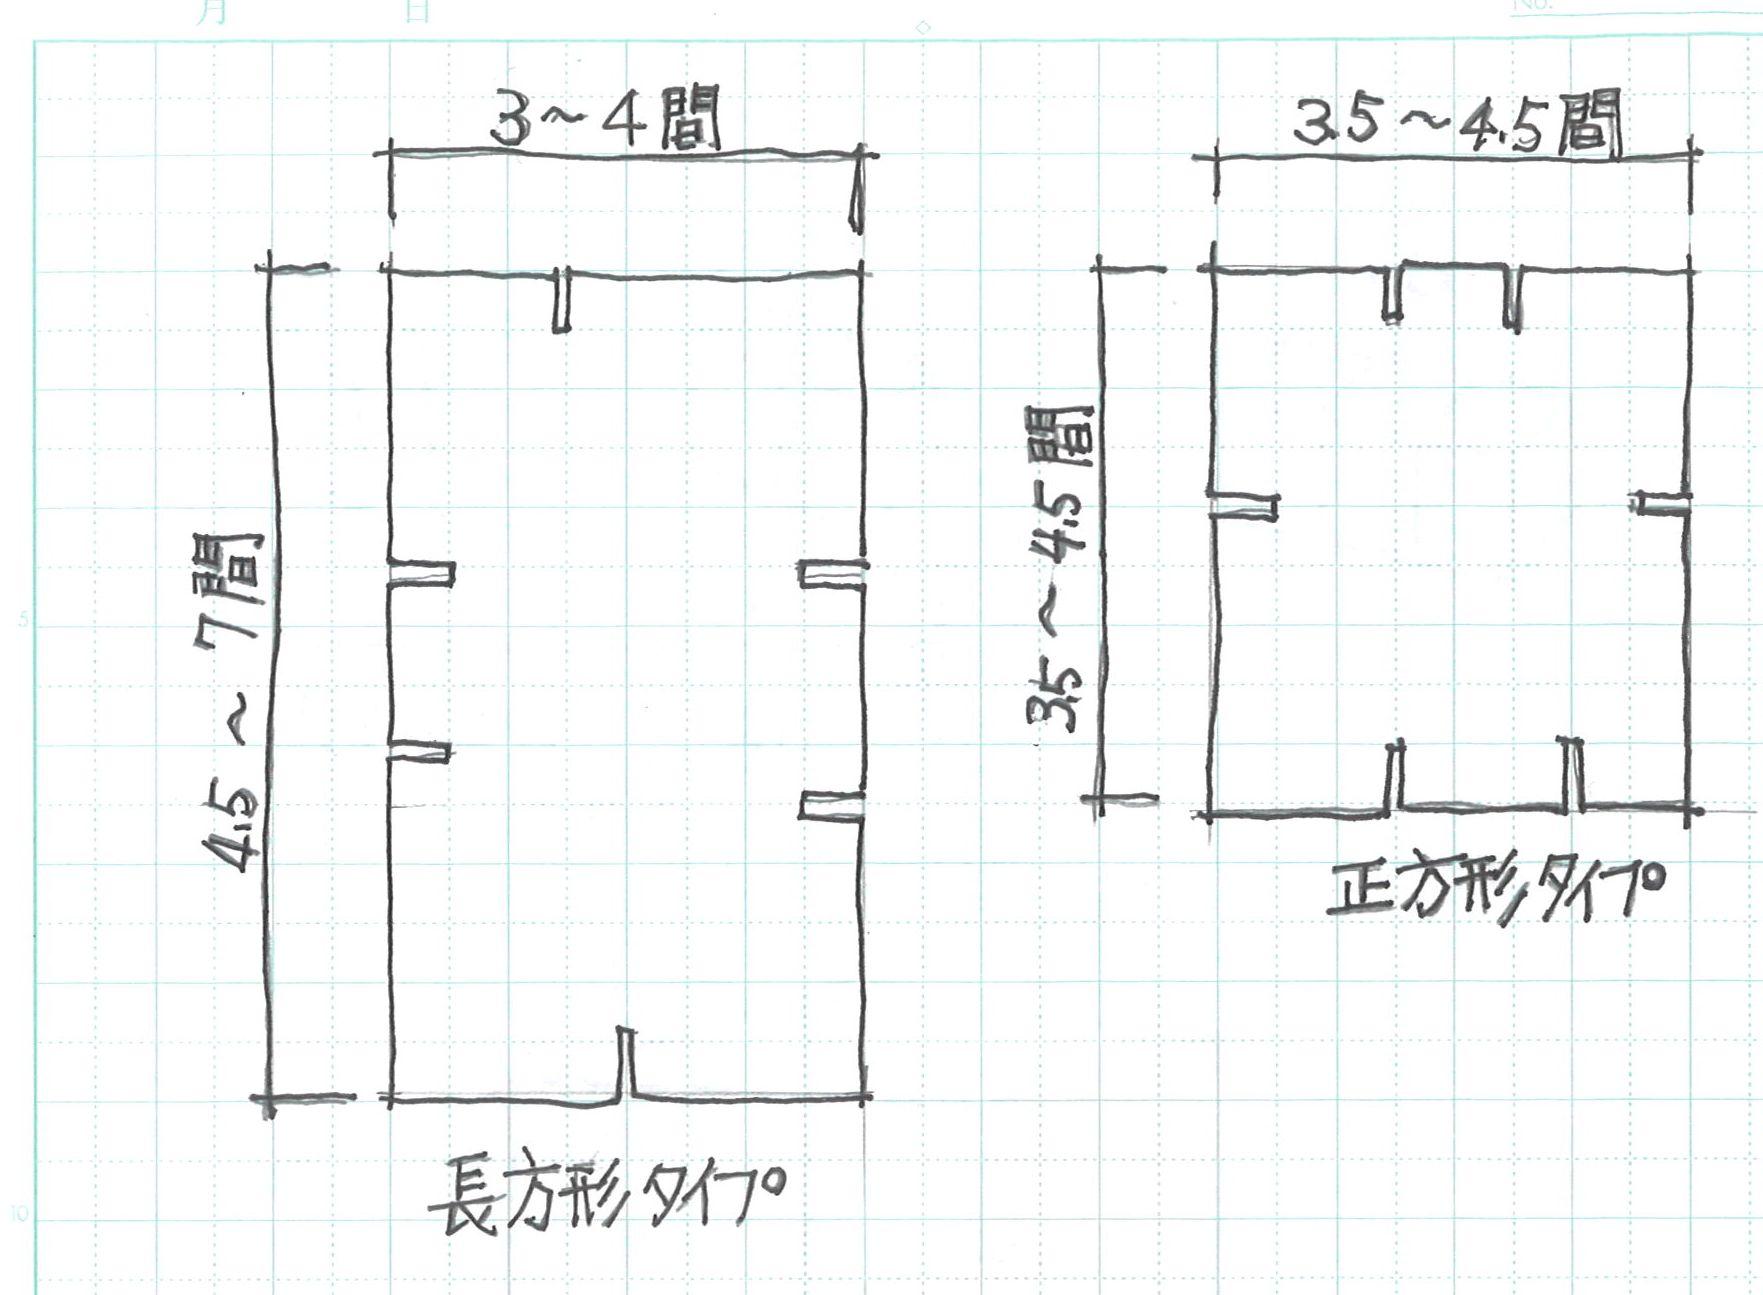 シンプルな直方体